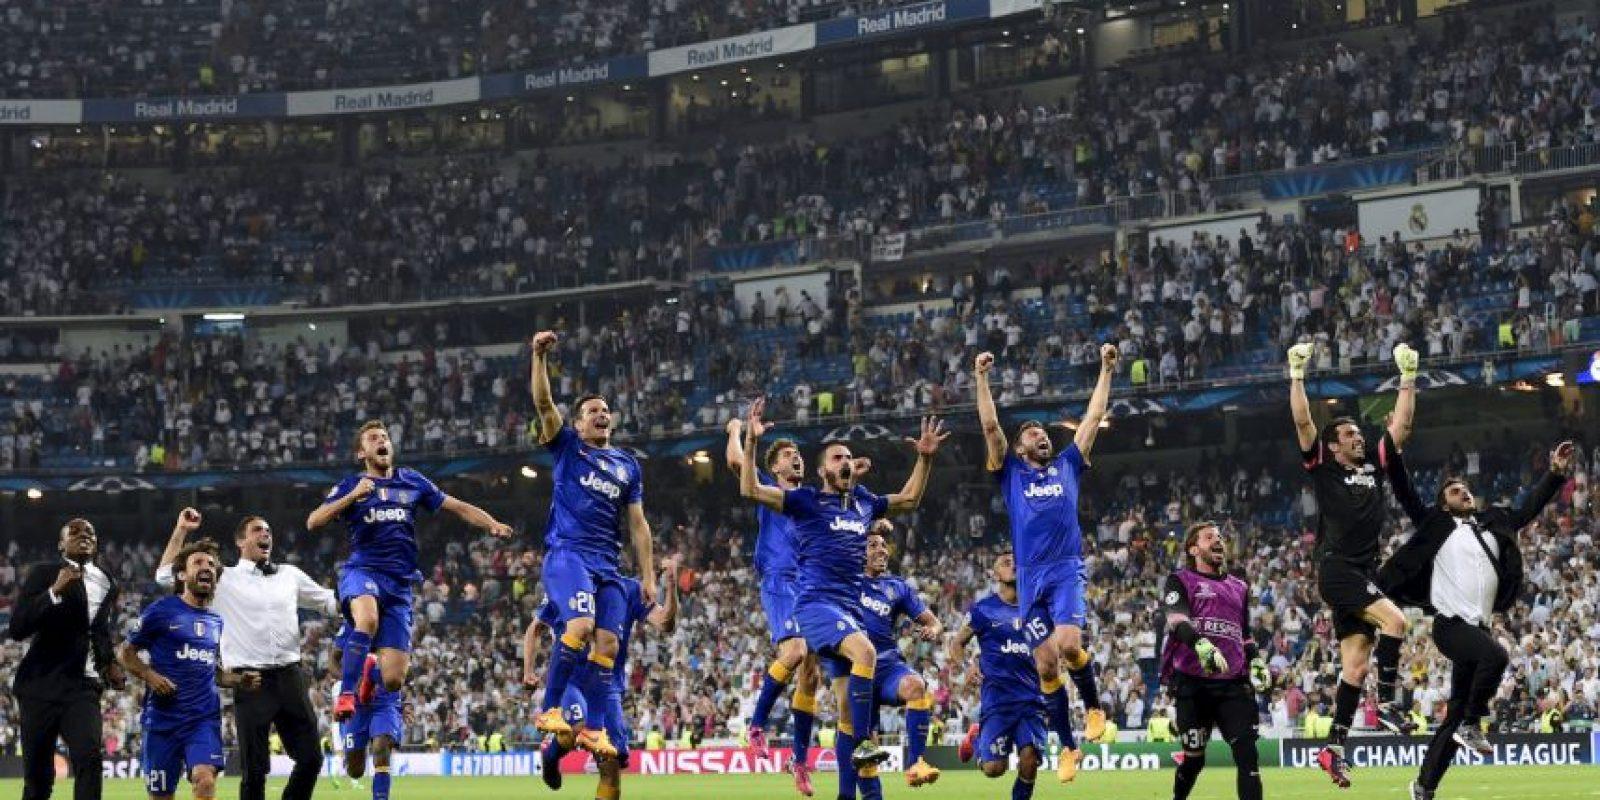 Juventus celebra su victoria sobre Real Madrid. Se clasificó a la final de la Champions League, que se jugará el 6 de junio en Berlín. El otro finalista es Barcelona. Foto:AFP